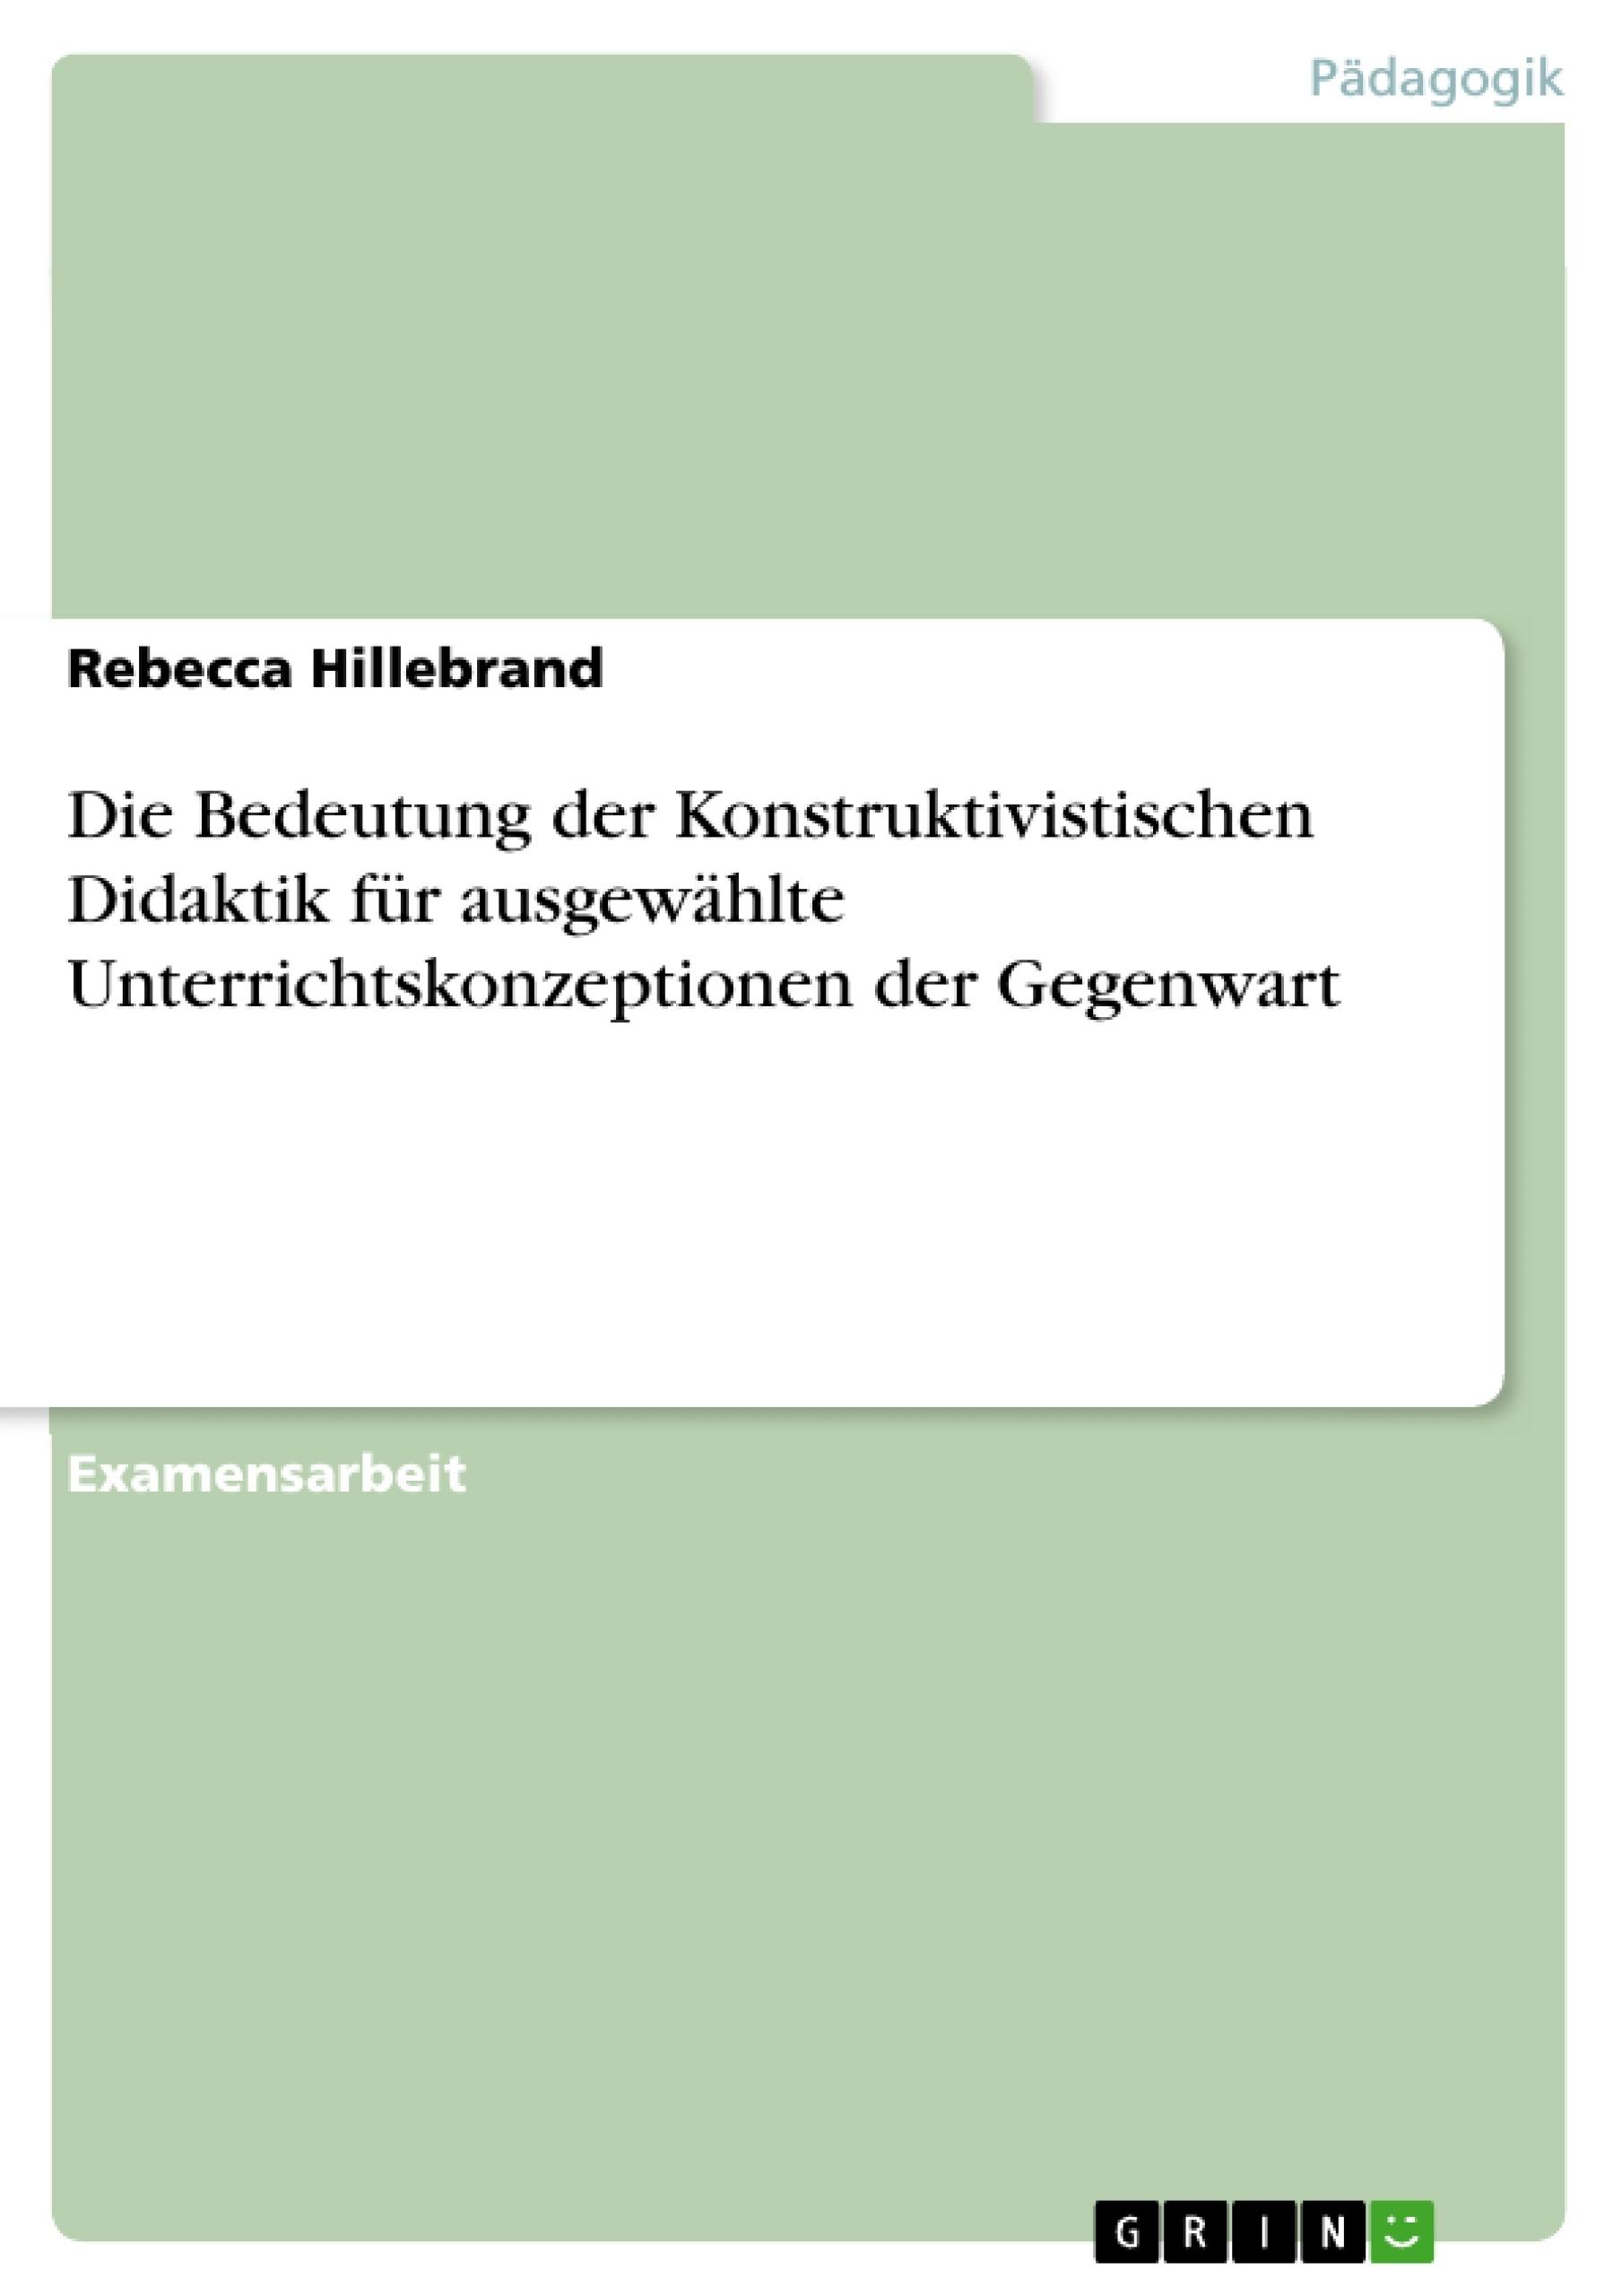 Titel: Die Bedeutung der Konstruktivistischen Didaktik für ausgewählte Unterrichtskonzeptionen der Gegenwart